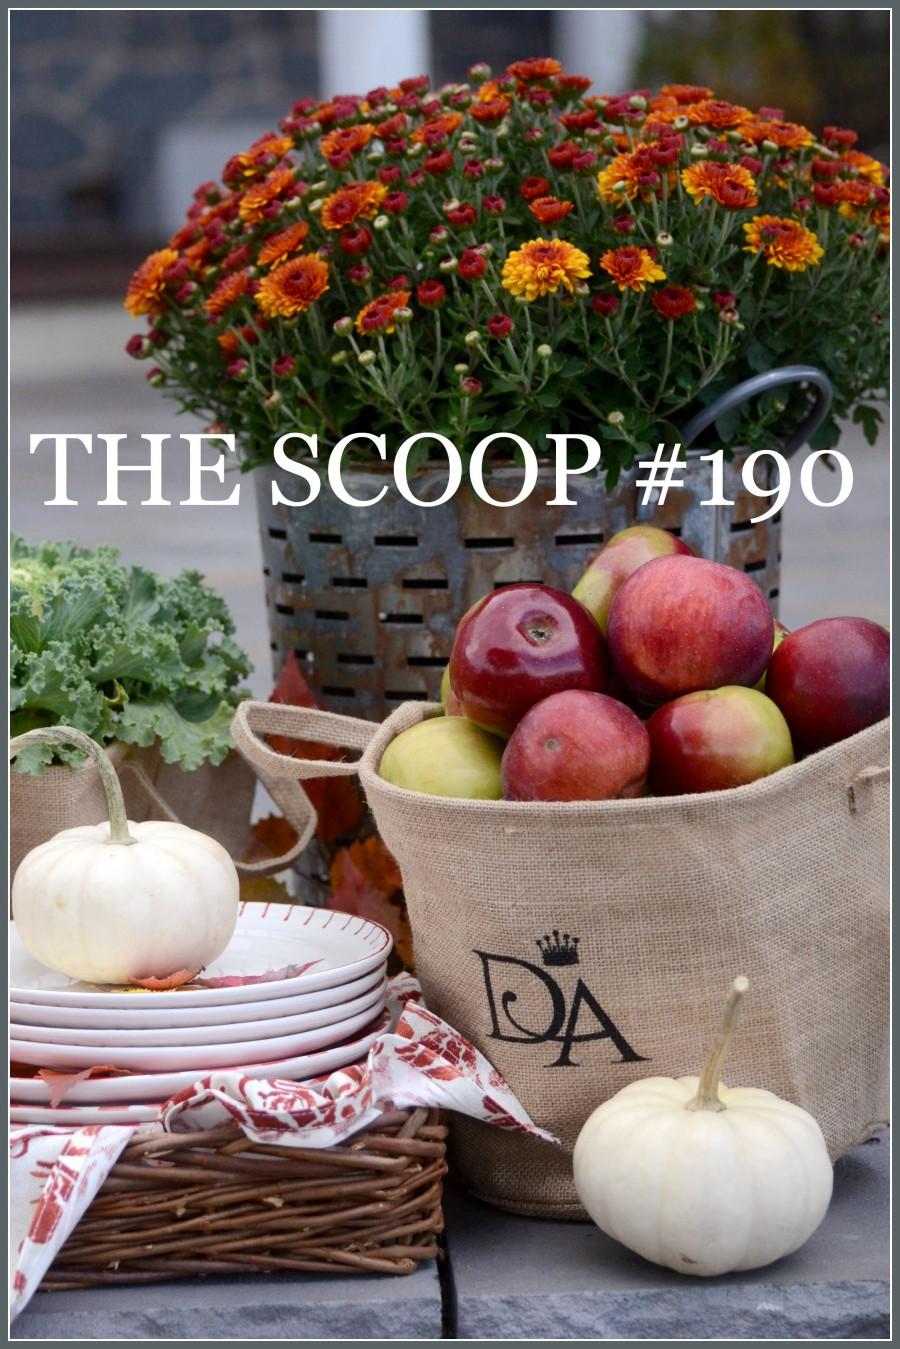 THE SCOOP #190-Hundreds of creative ideas for home and garden.-stonegableblog.com